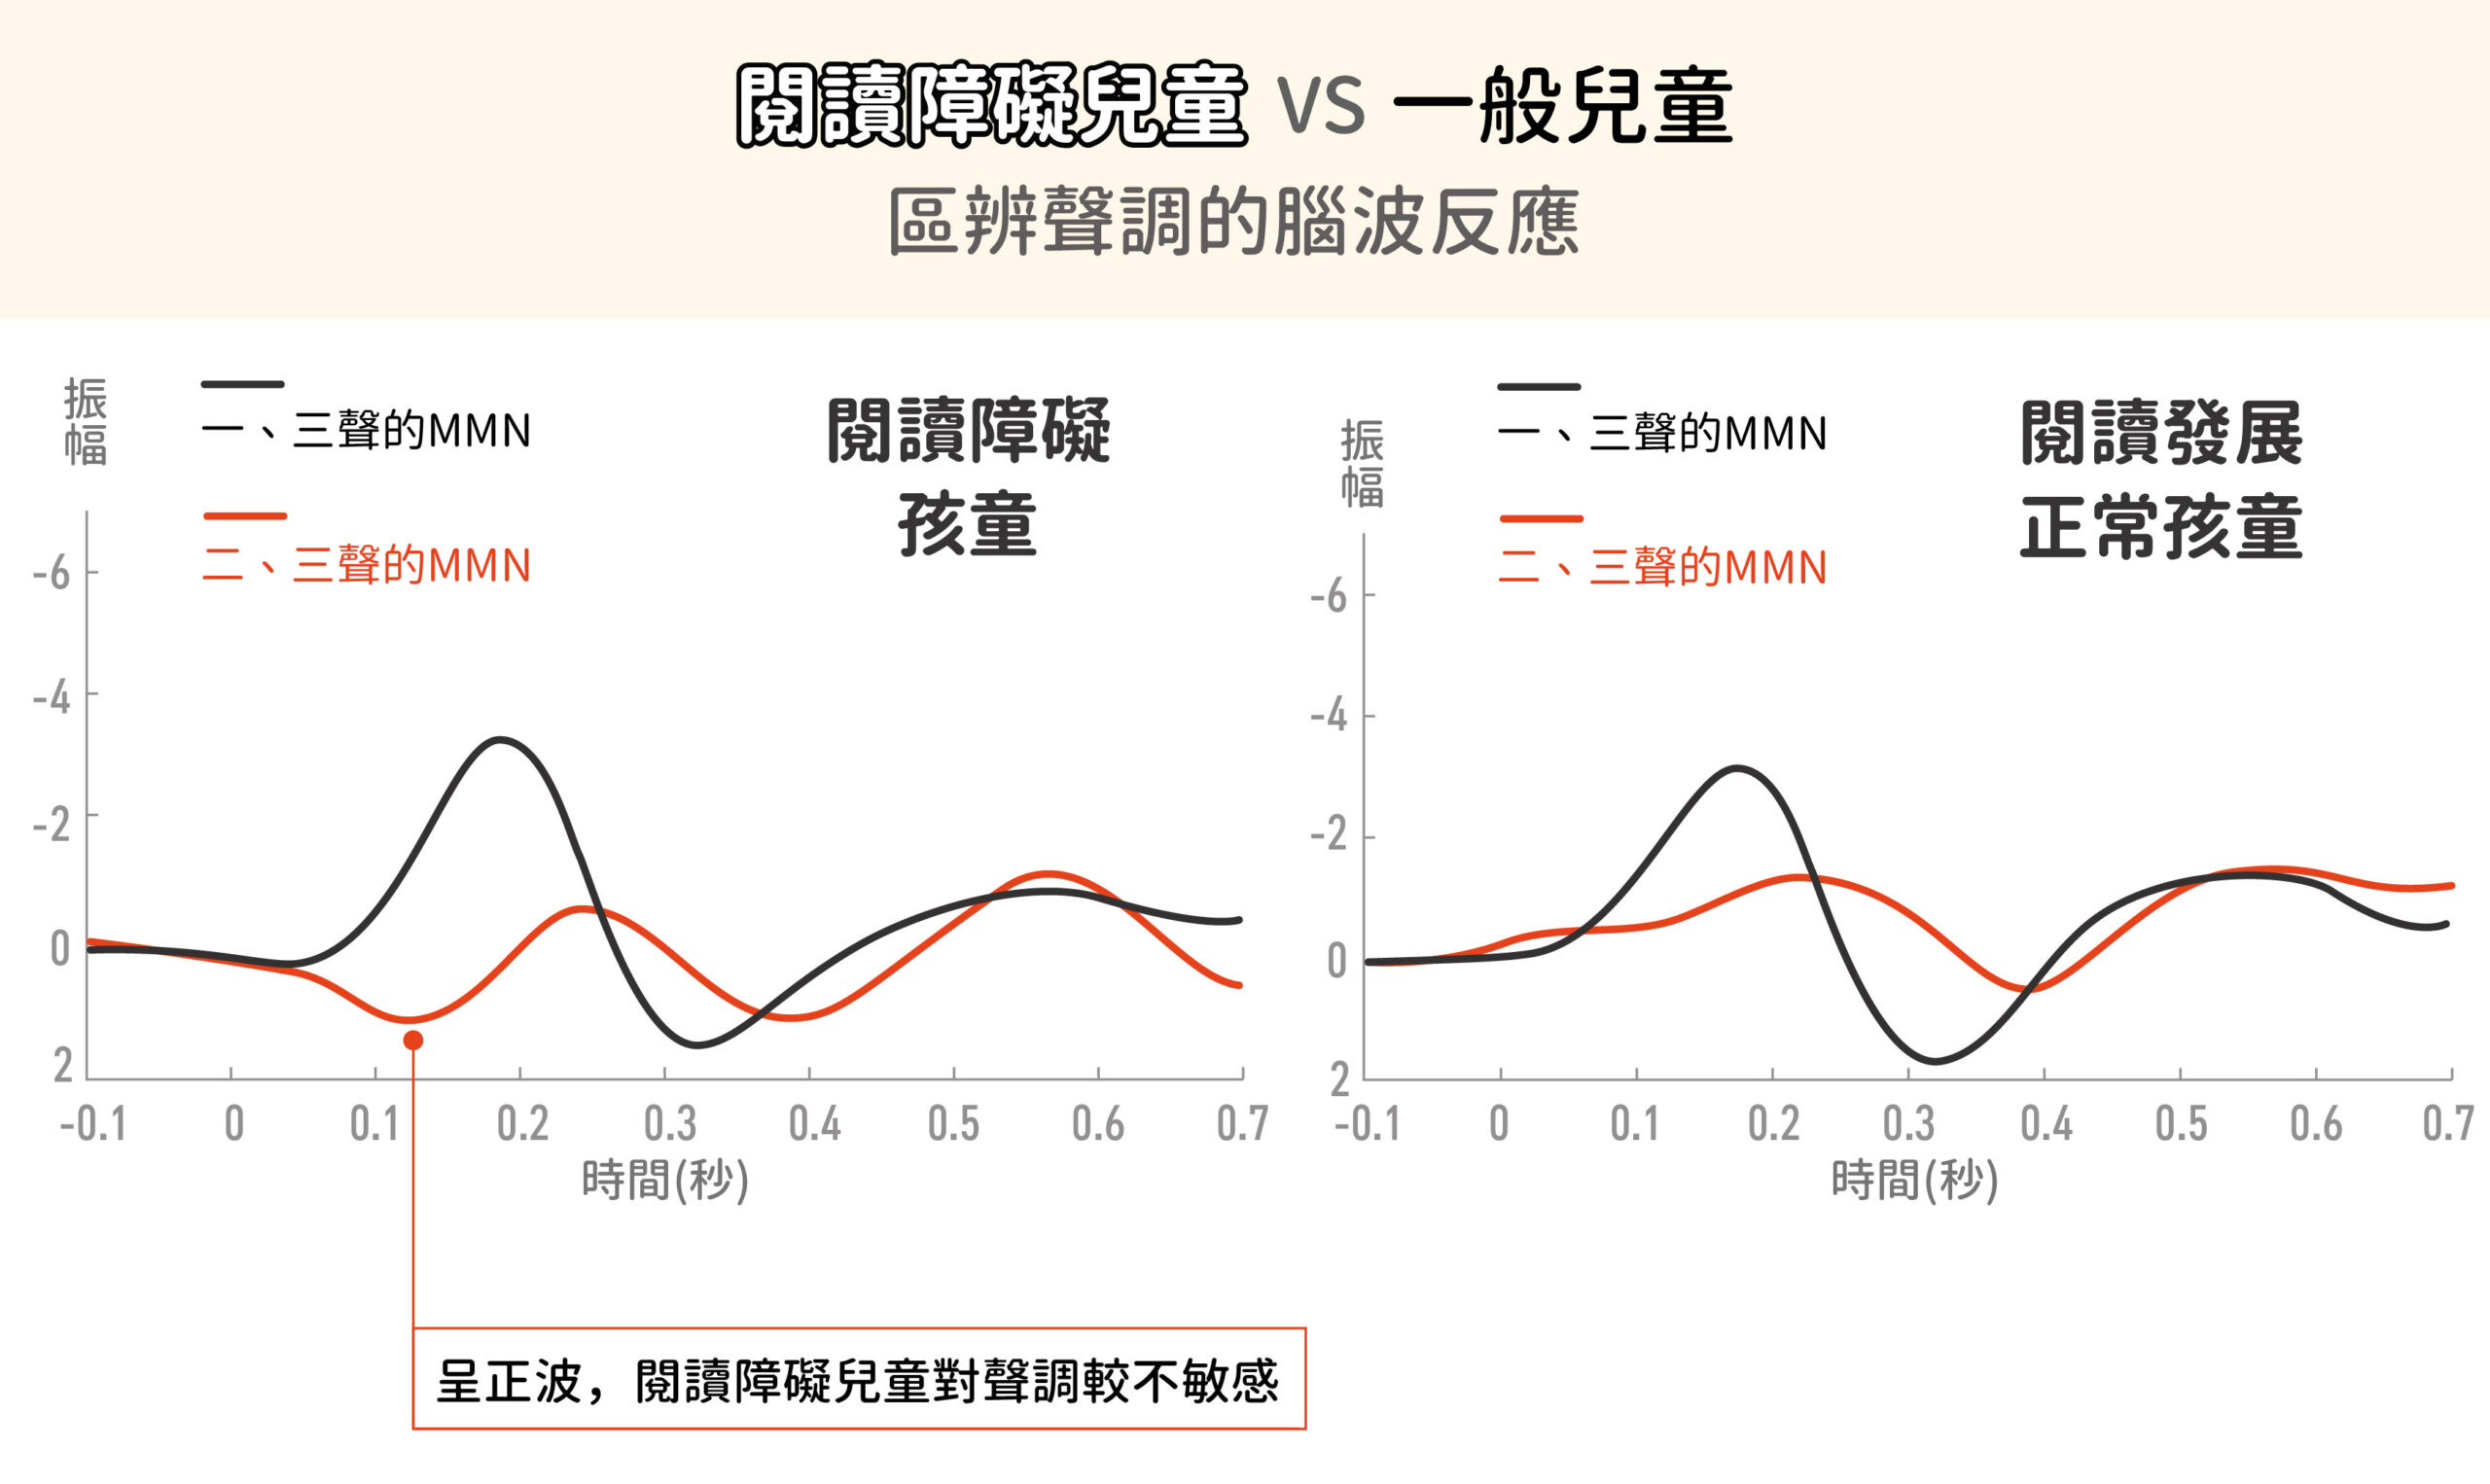 兩者在一、三聲調的 MNN 差別不大。但對於二、三聲就有差別,閱讀障礙兒童的振幅在 200 毫秒之前幾乎是正波,這顯示他們的聲調敏感度較不好。資料來源│李佳穎